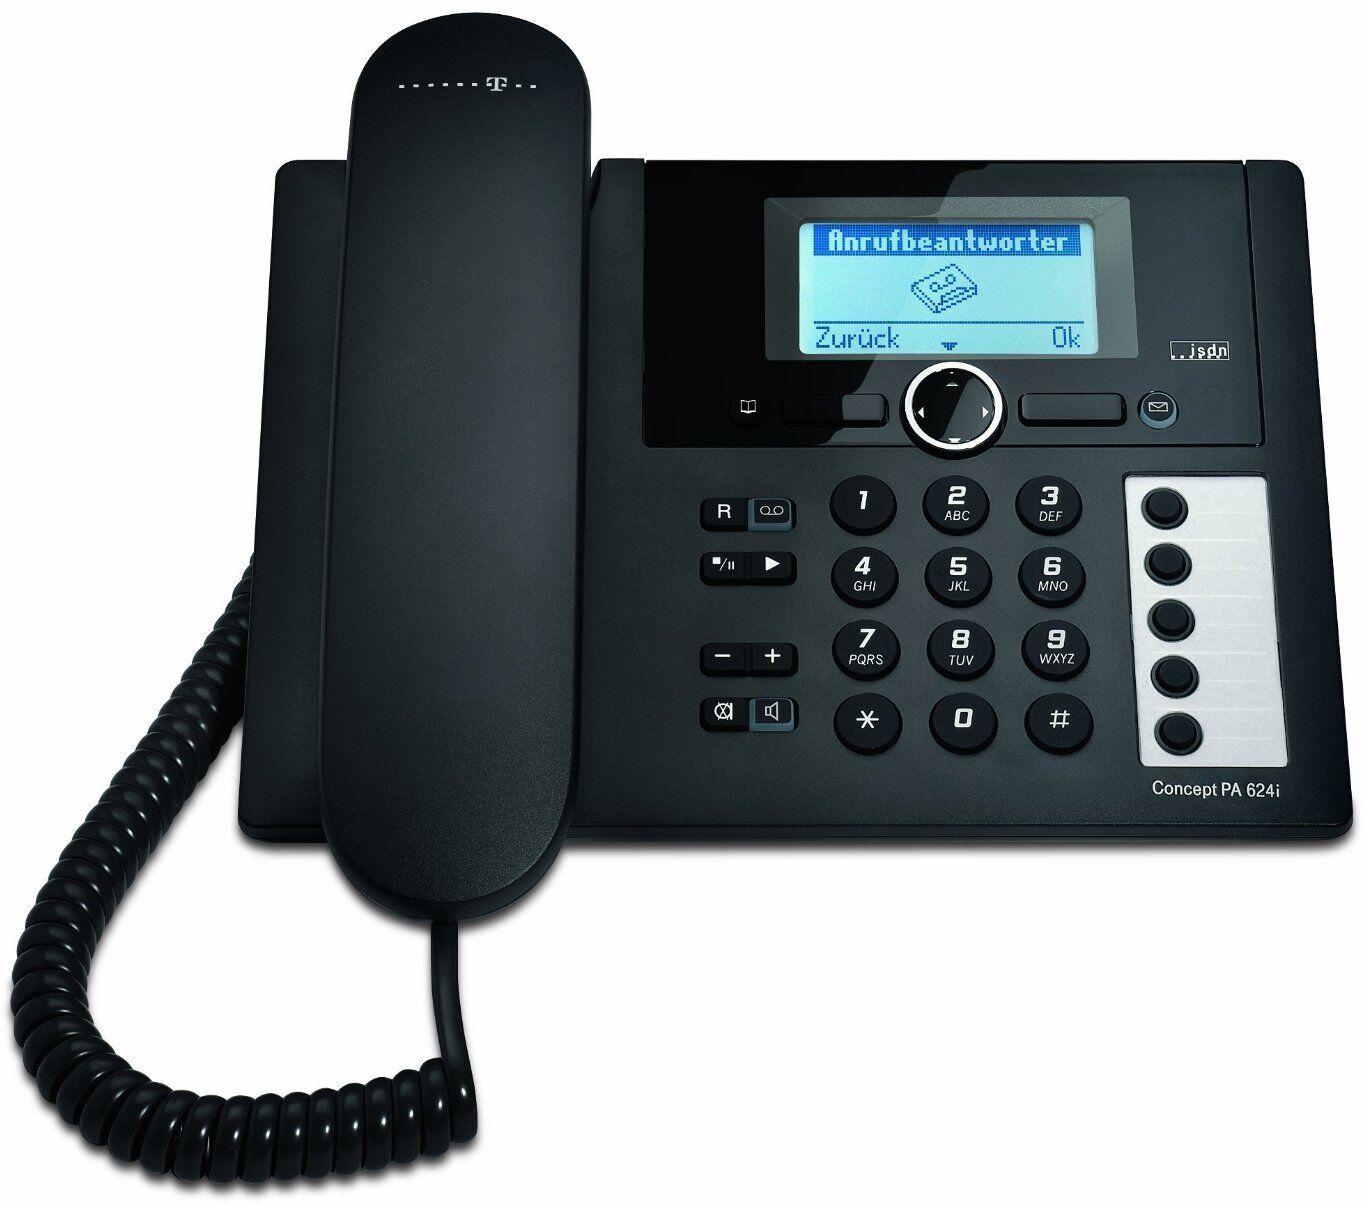 T-Concept PA624i ISDN Telefon Anrufbeantworter Tischtelefon Schnurgebundenes Tel